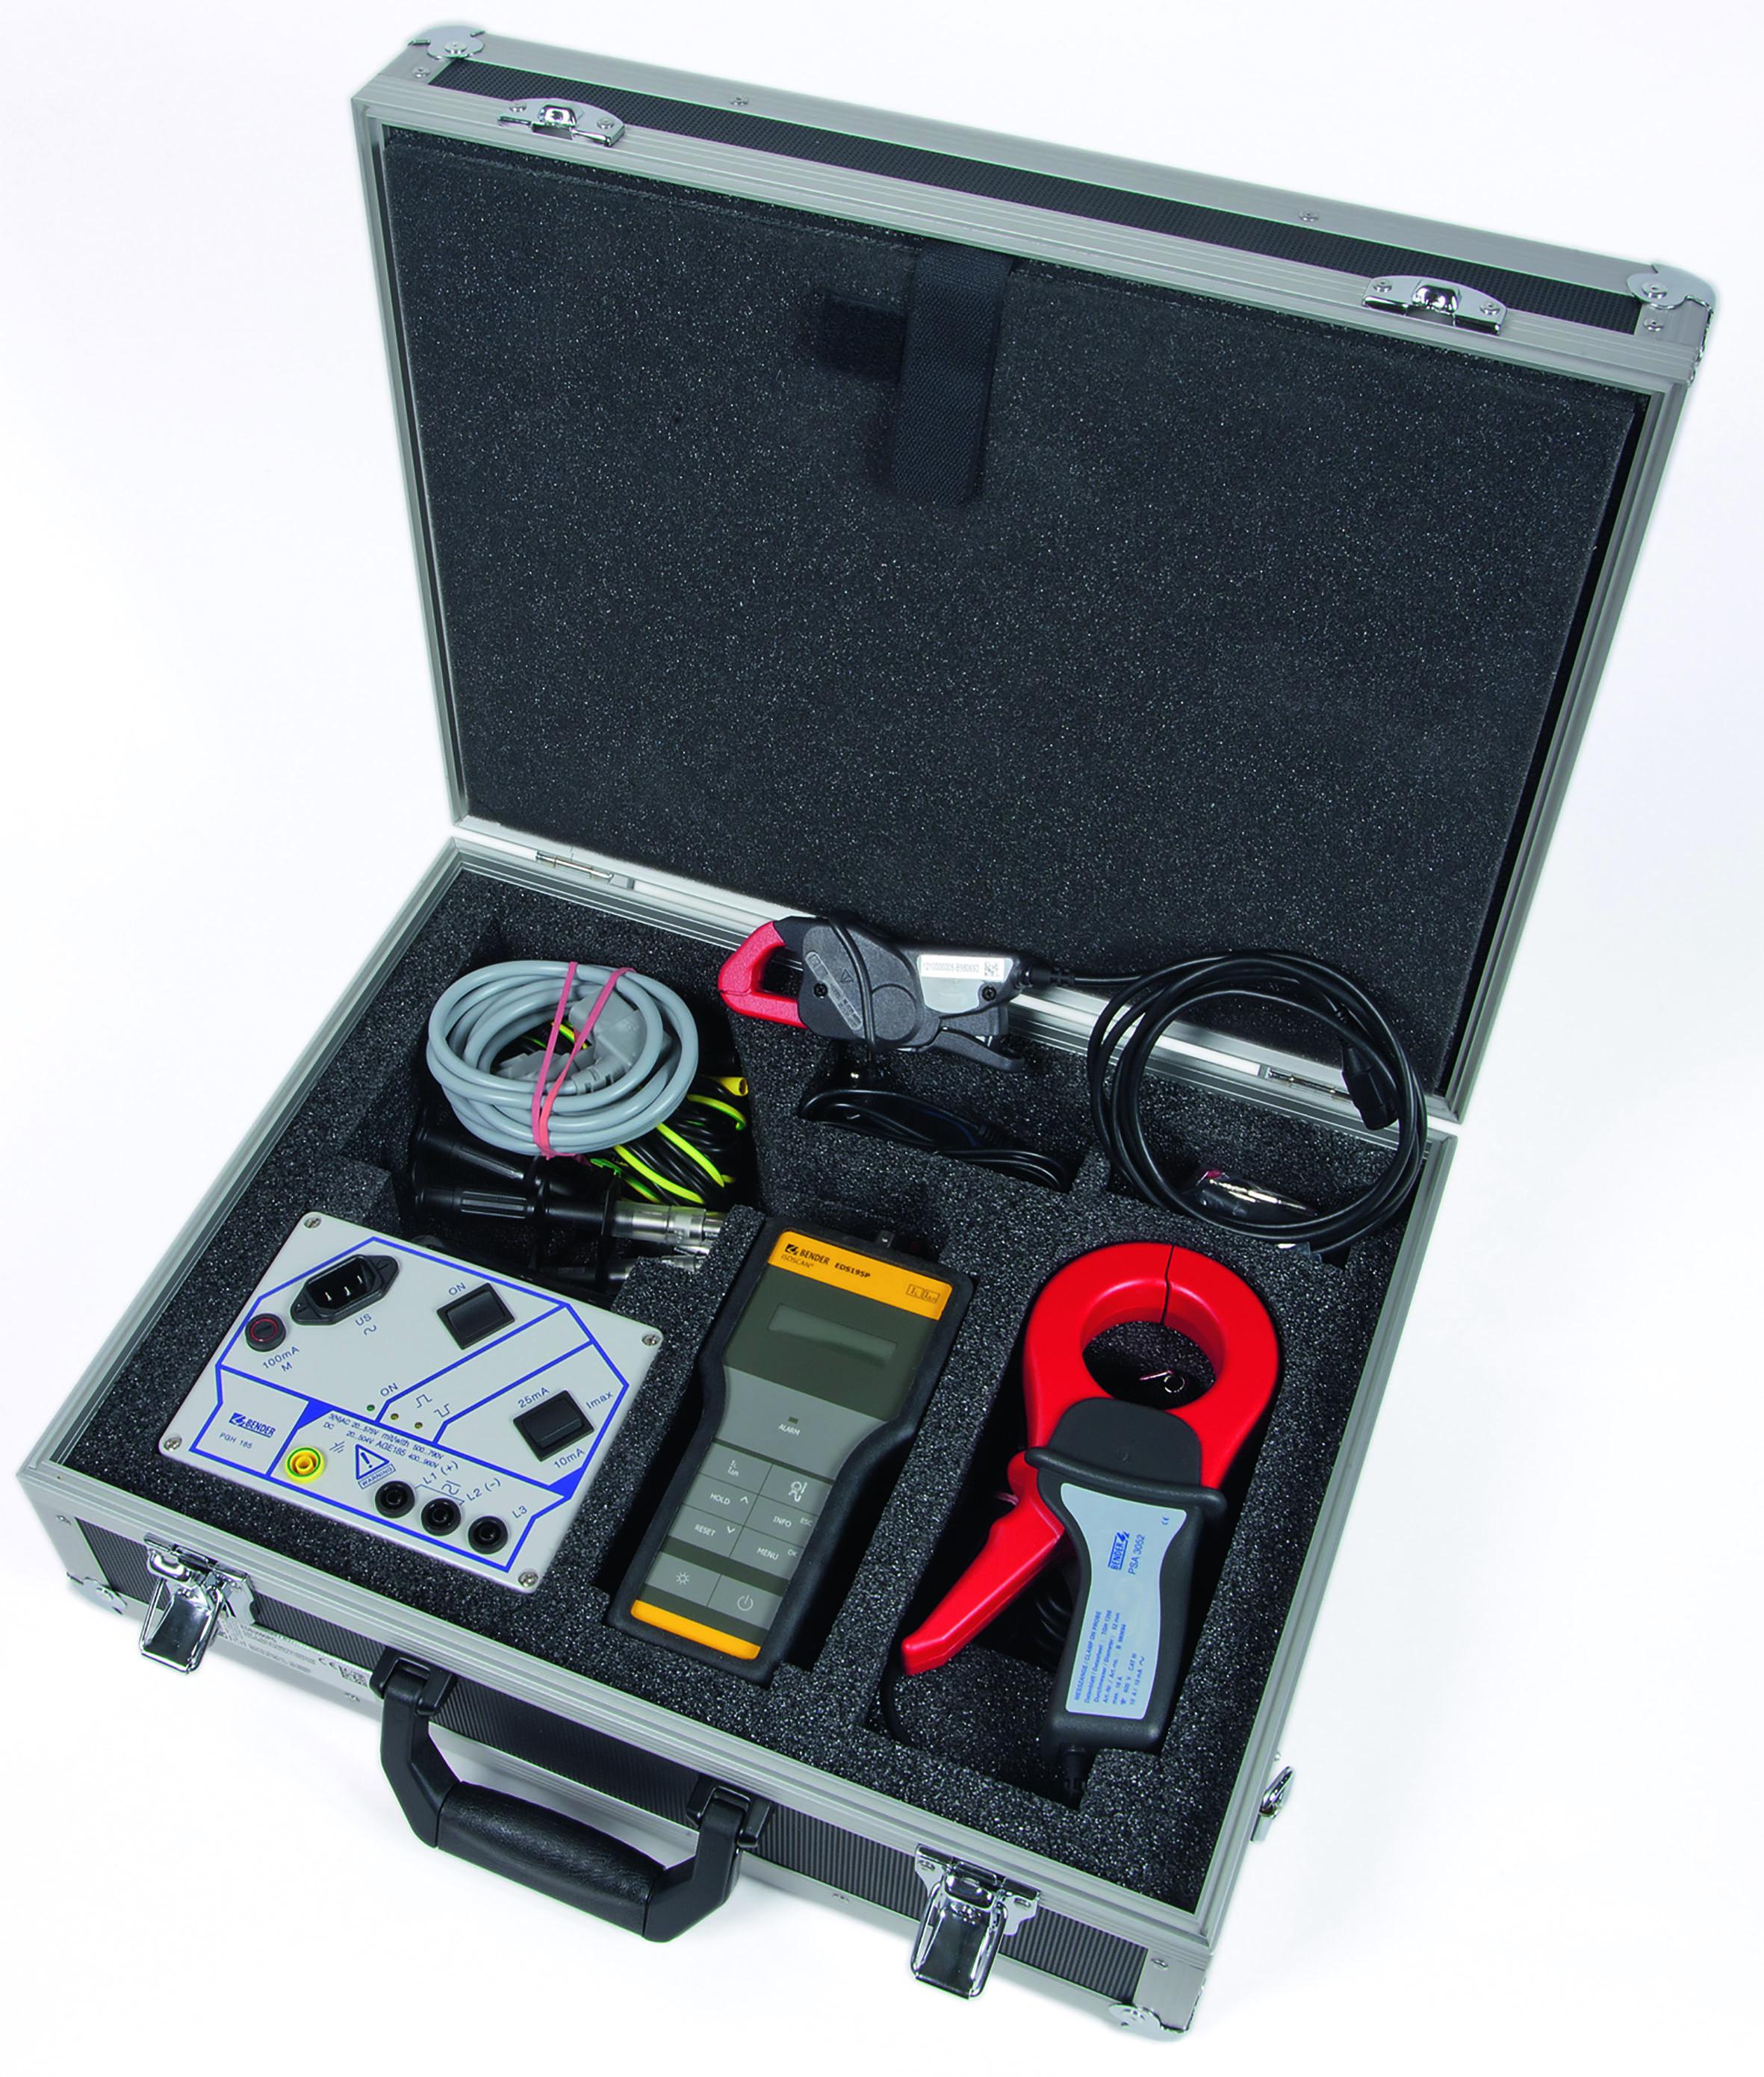 Verificación inicial y periódica de sistemas IT (suministros de electricidad aislados de tierra)